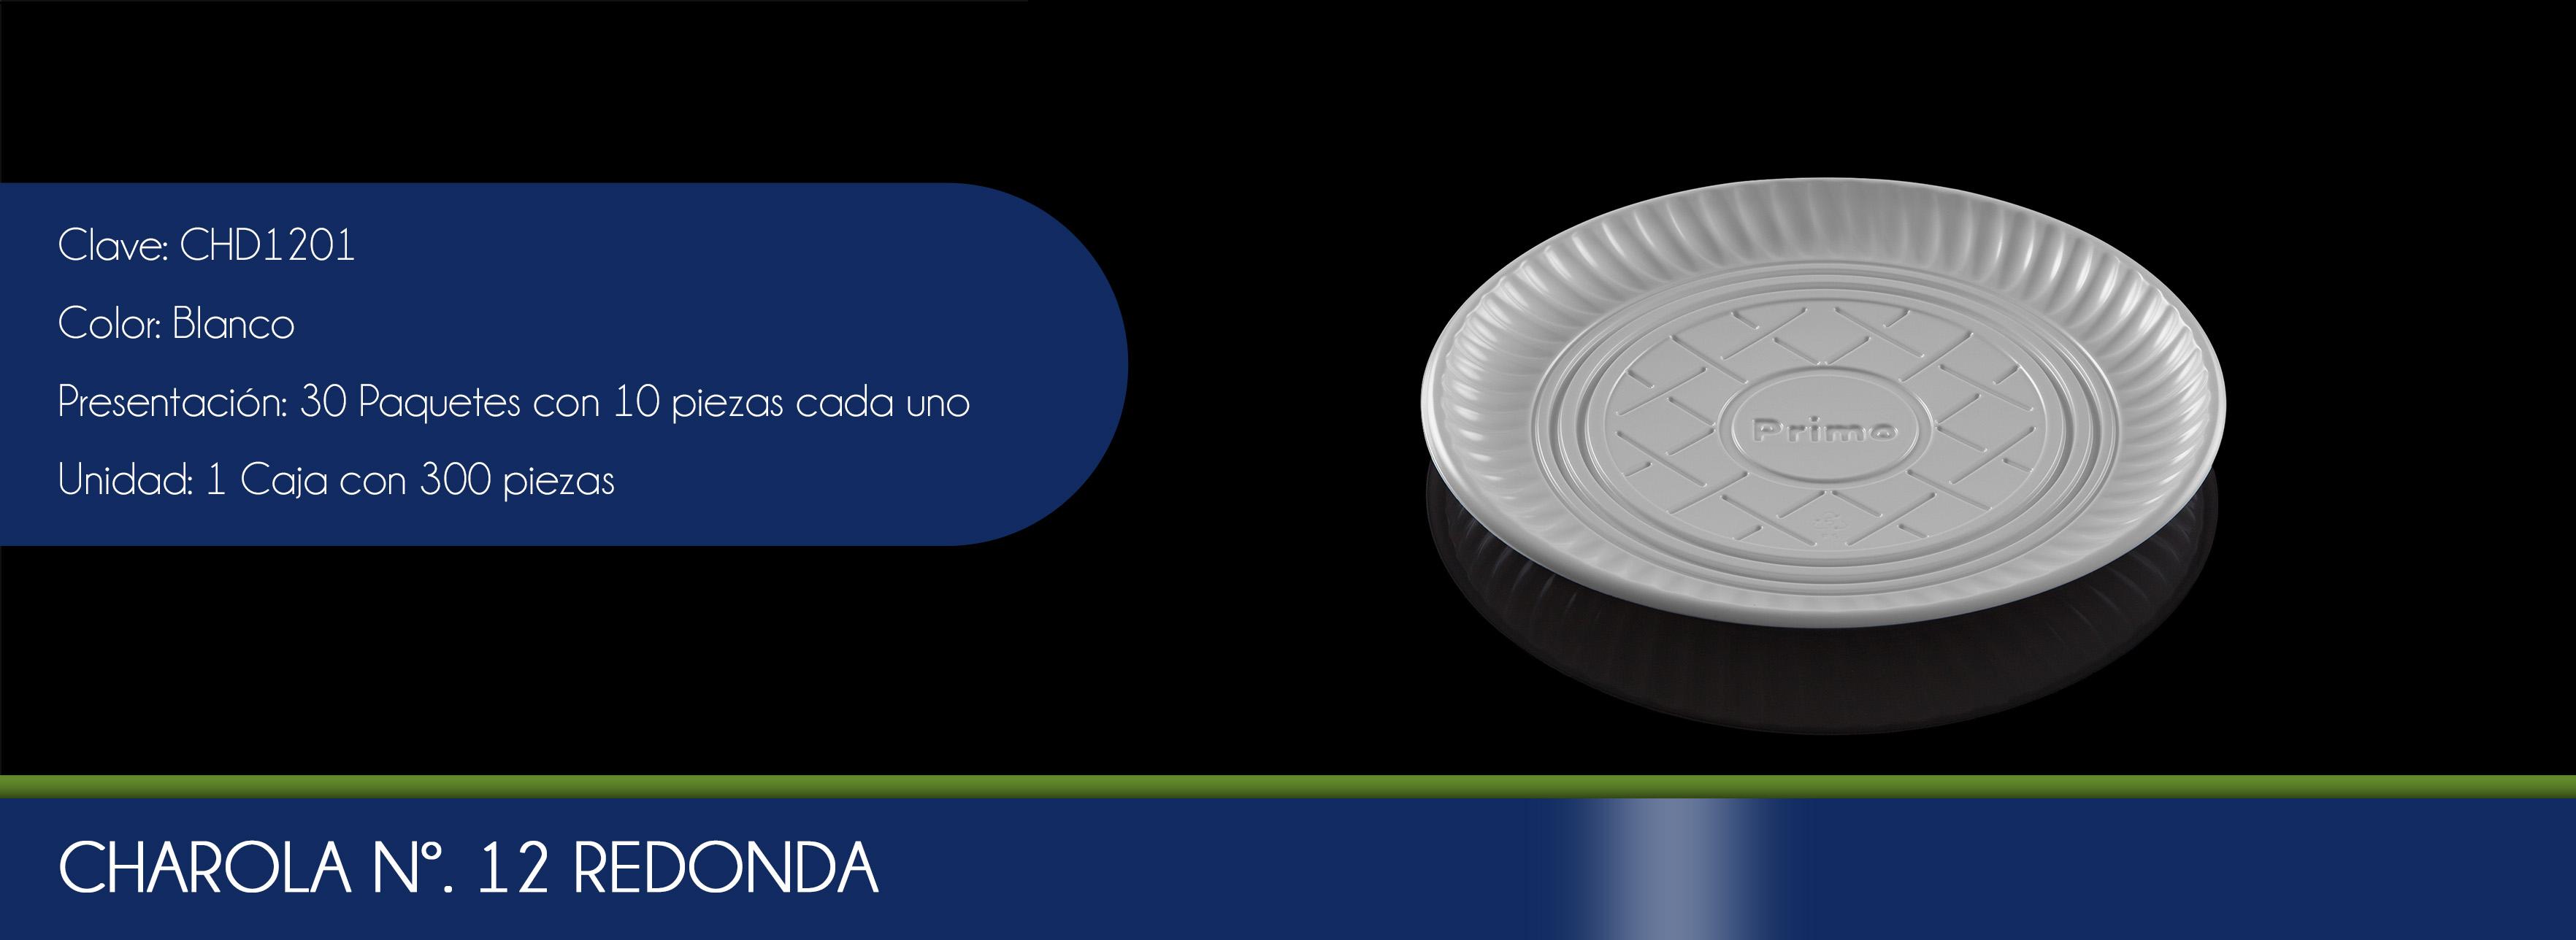 Inicio Nosotros Productos Industrial Contacto Distribuidores Ant